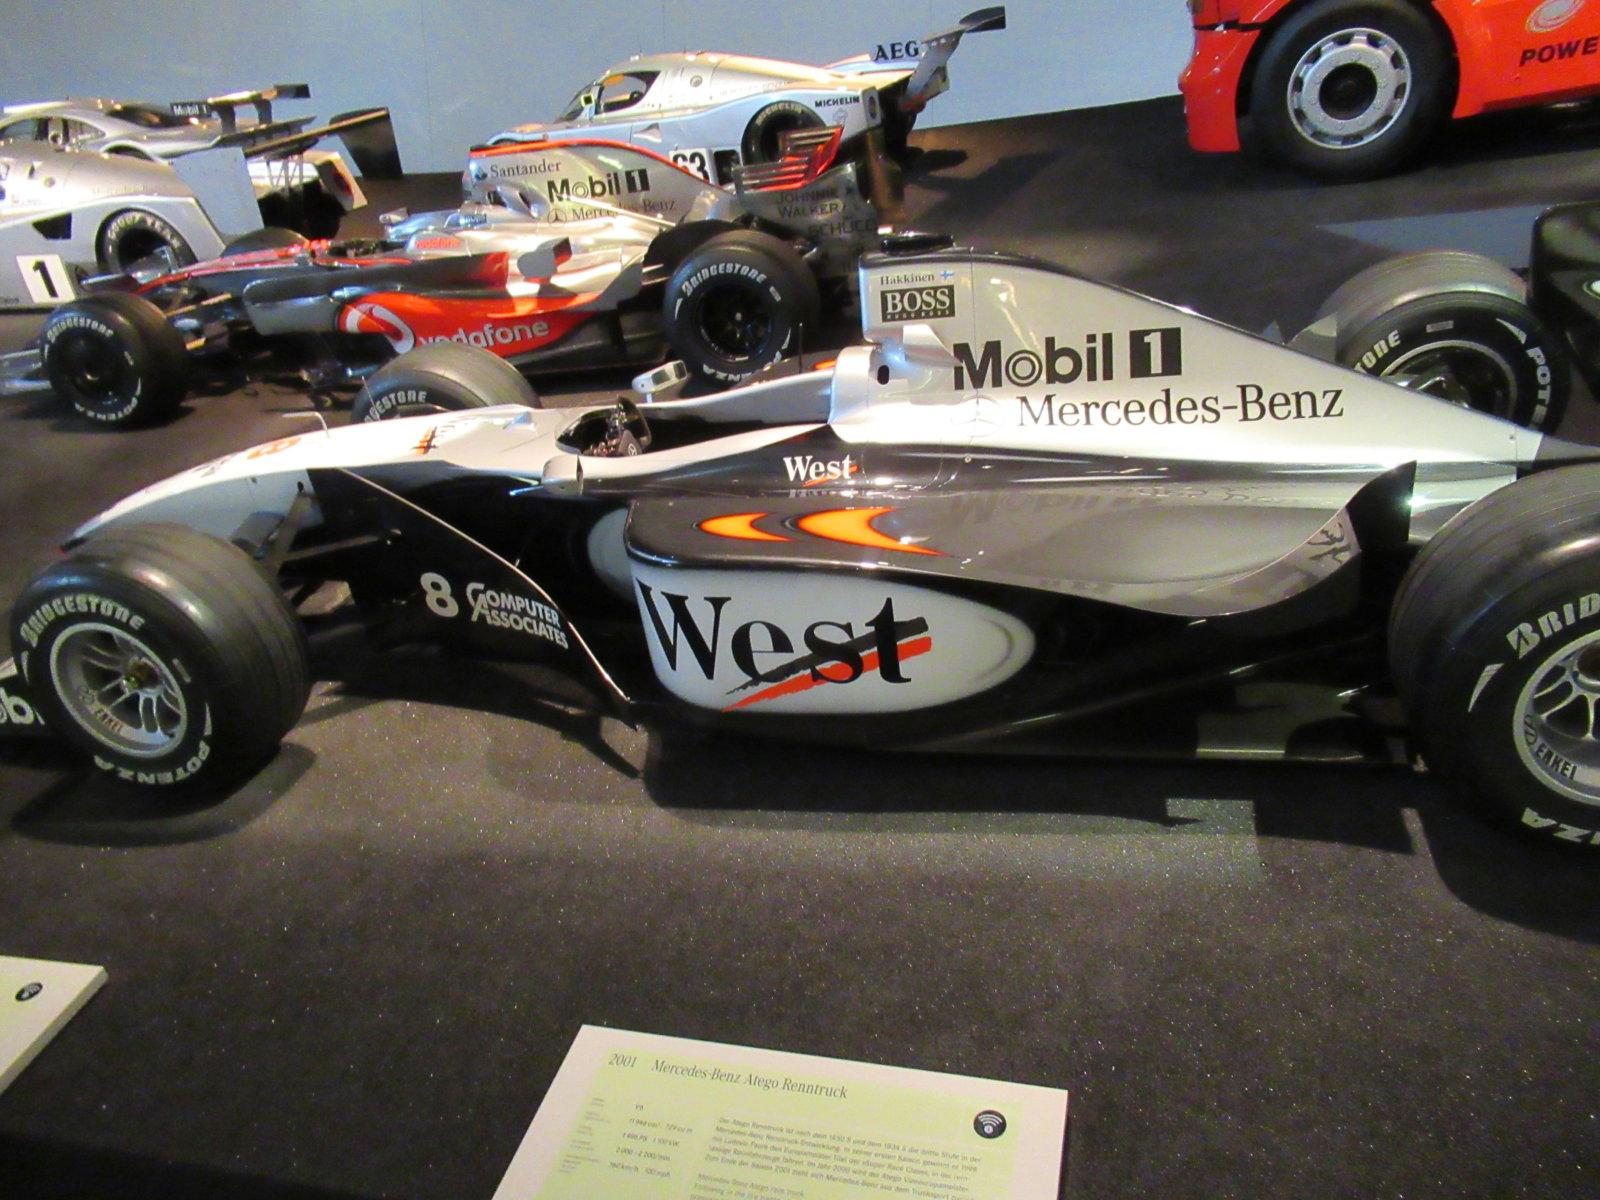 07-26 MB Race Car 07